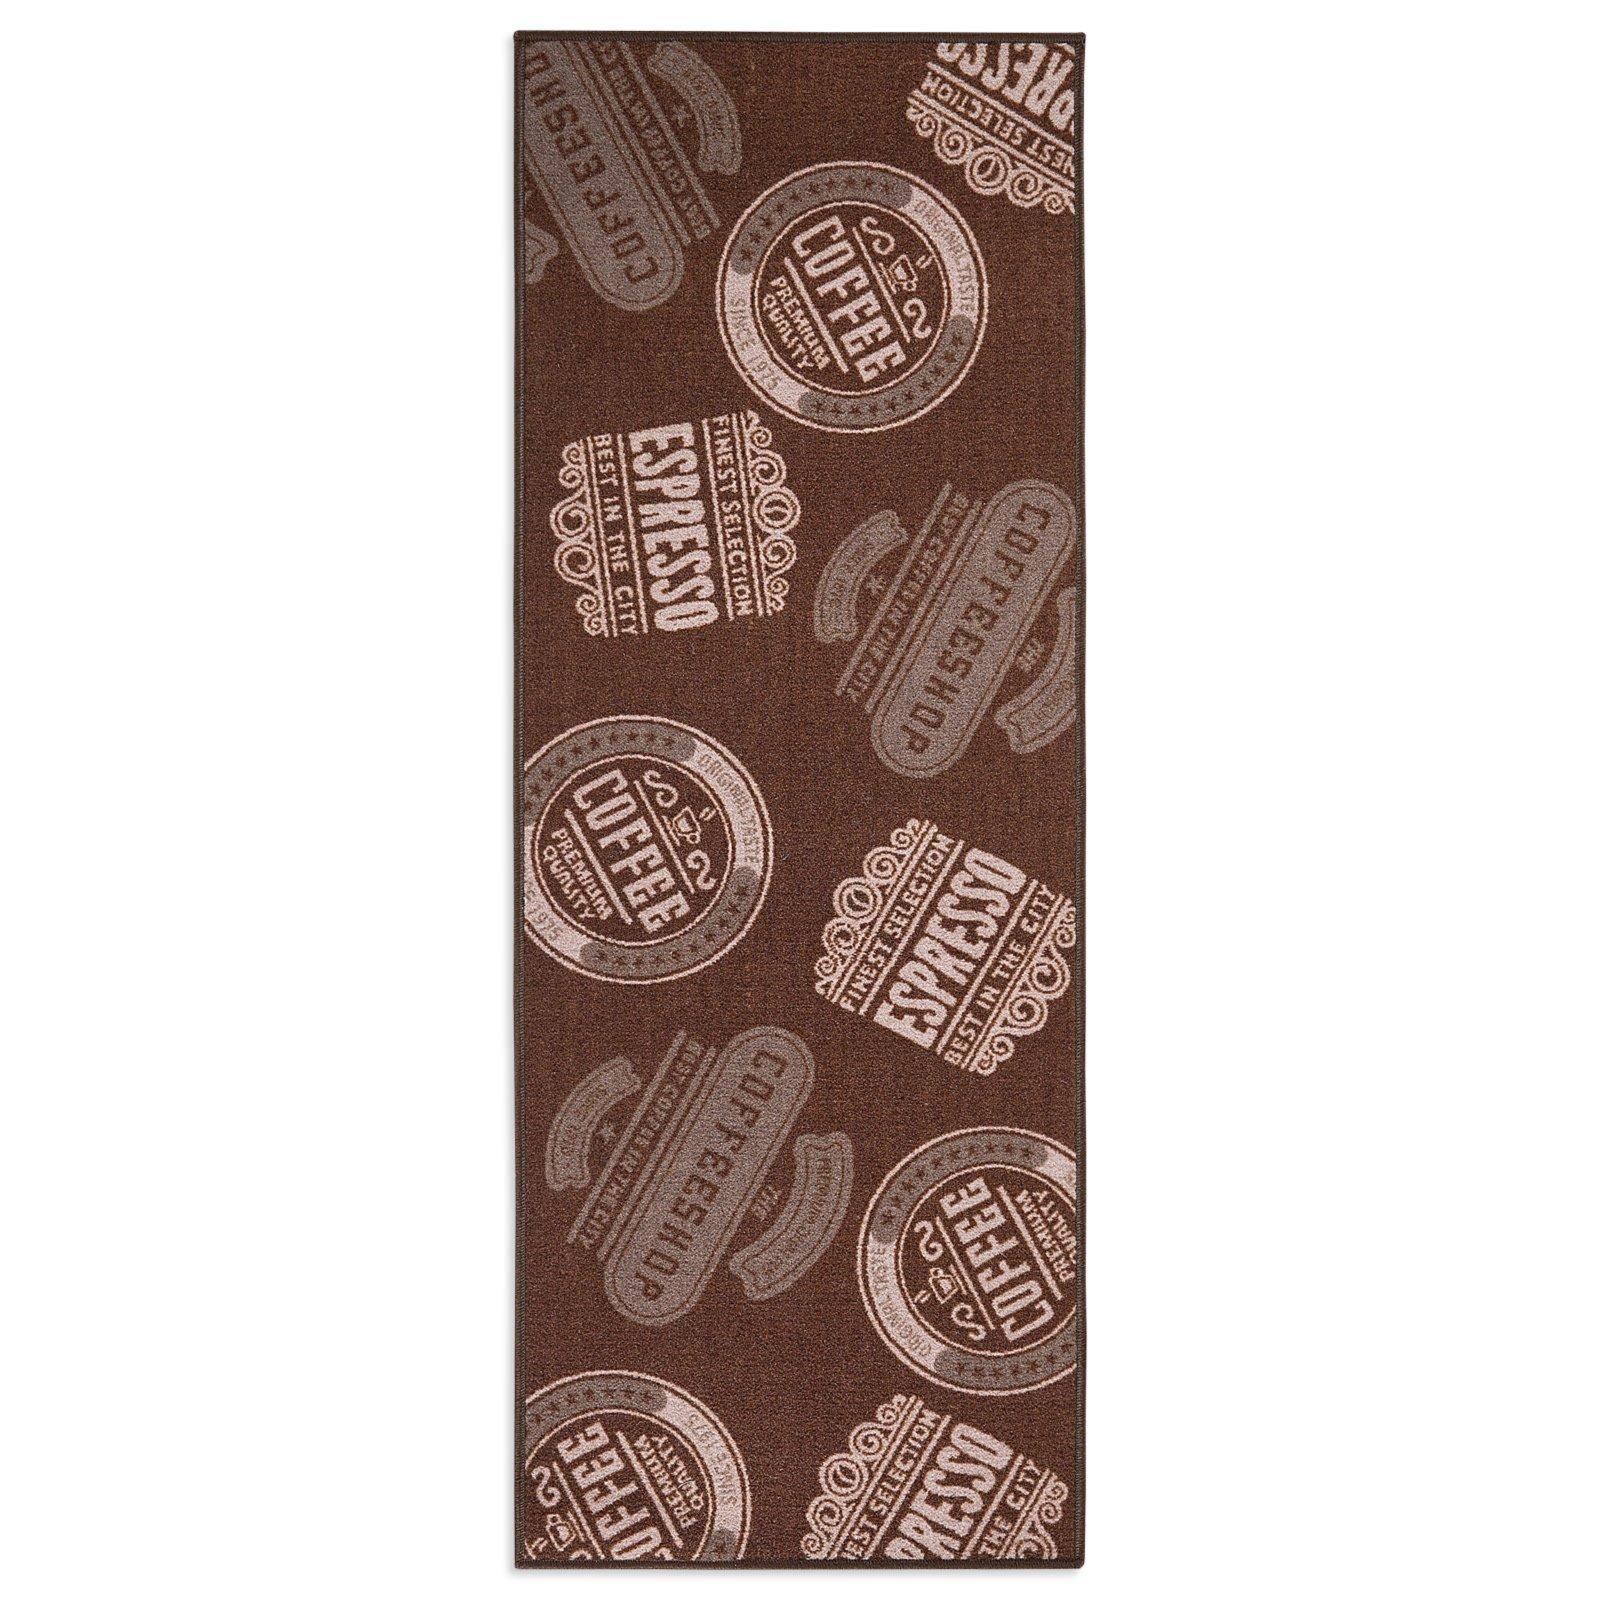 Küchenläufer COFFEESHOP - braun - 67x180 cm